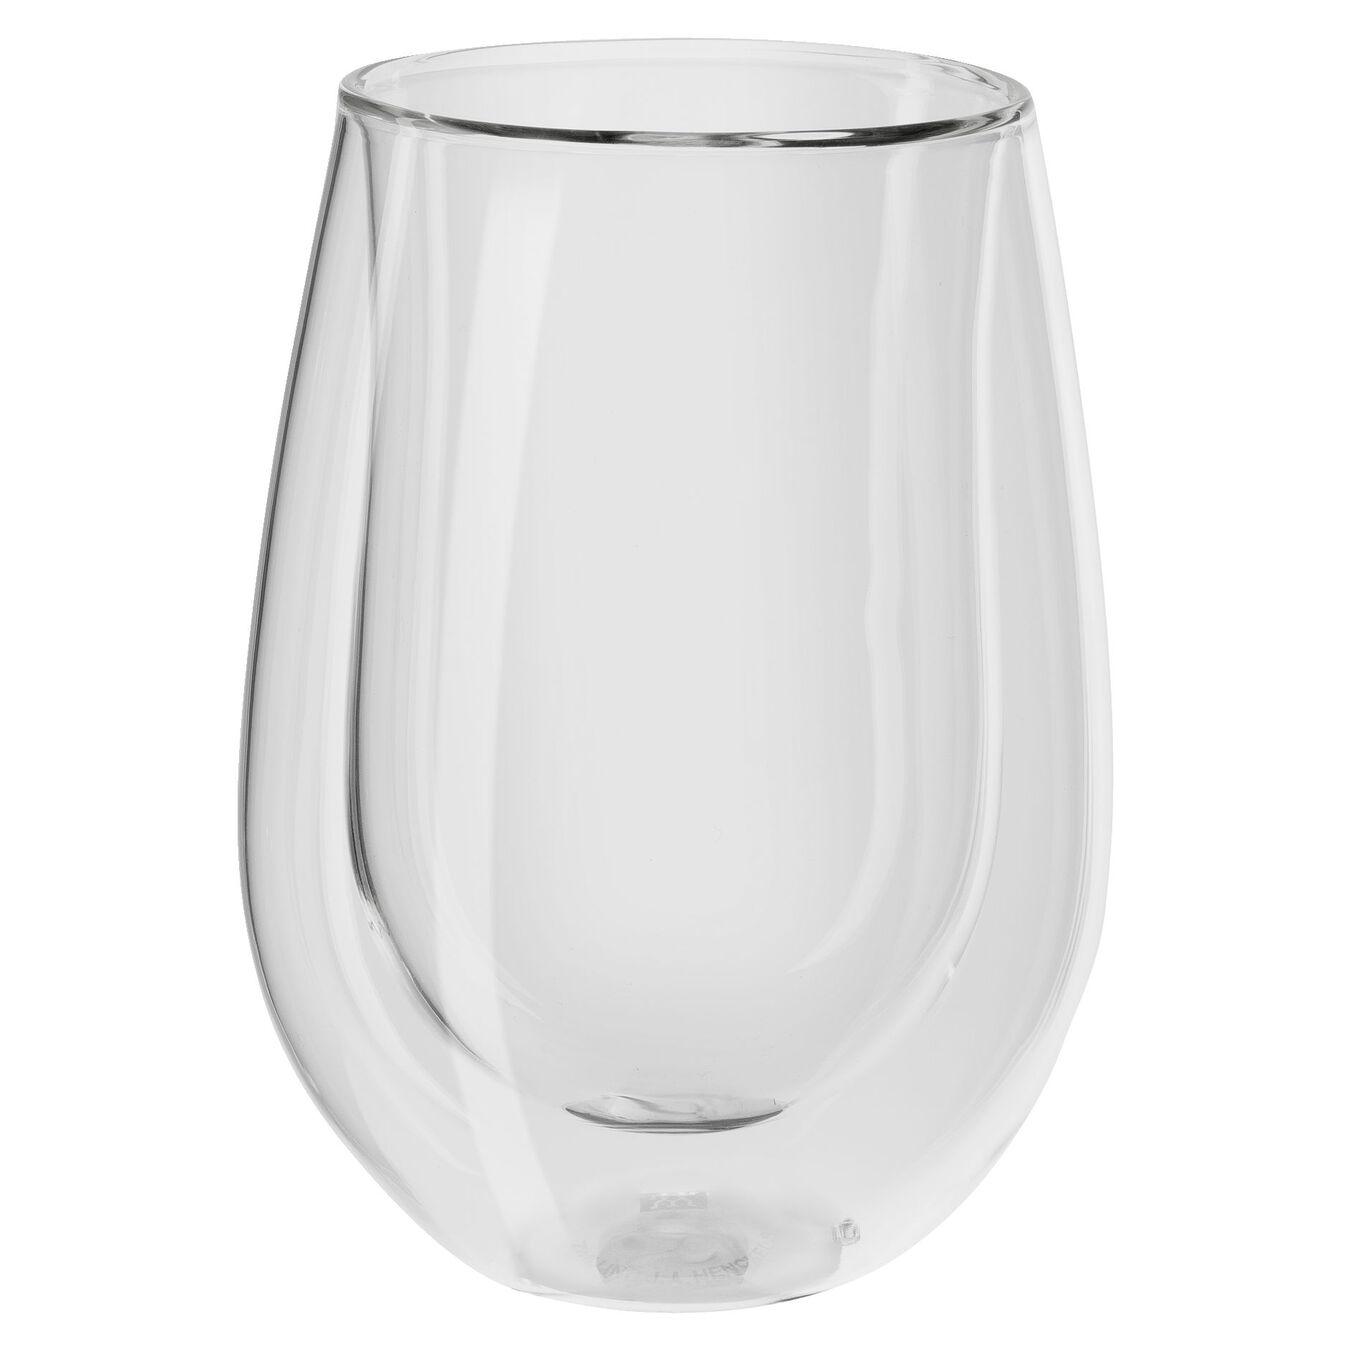 Longdrink Glas, groß, 350ml, 2-er 350 ml,,large 1